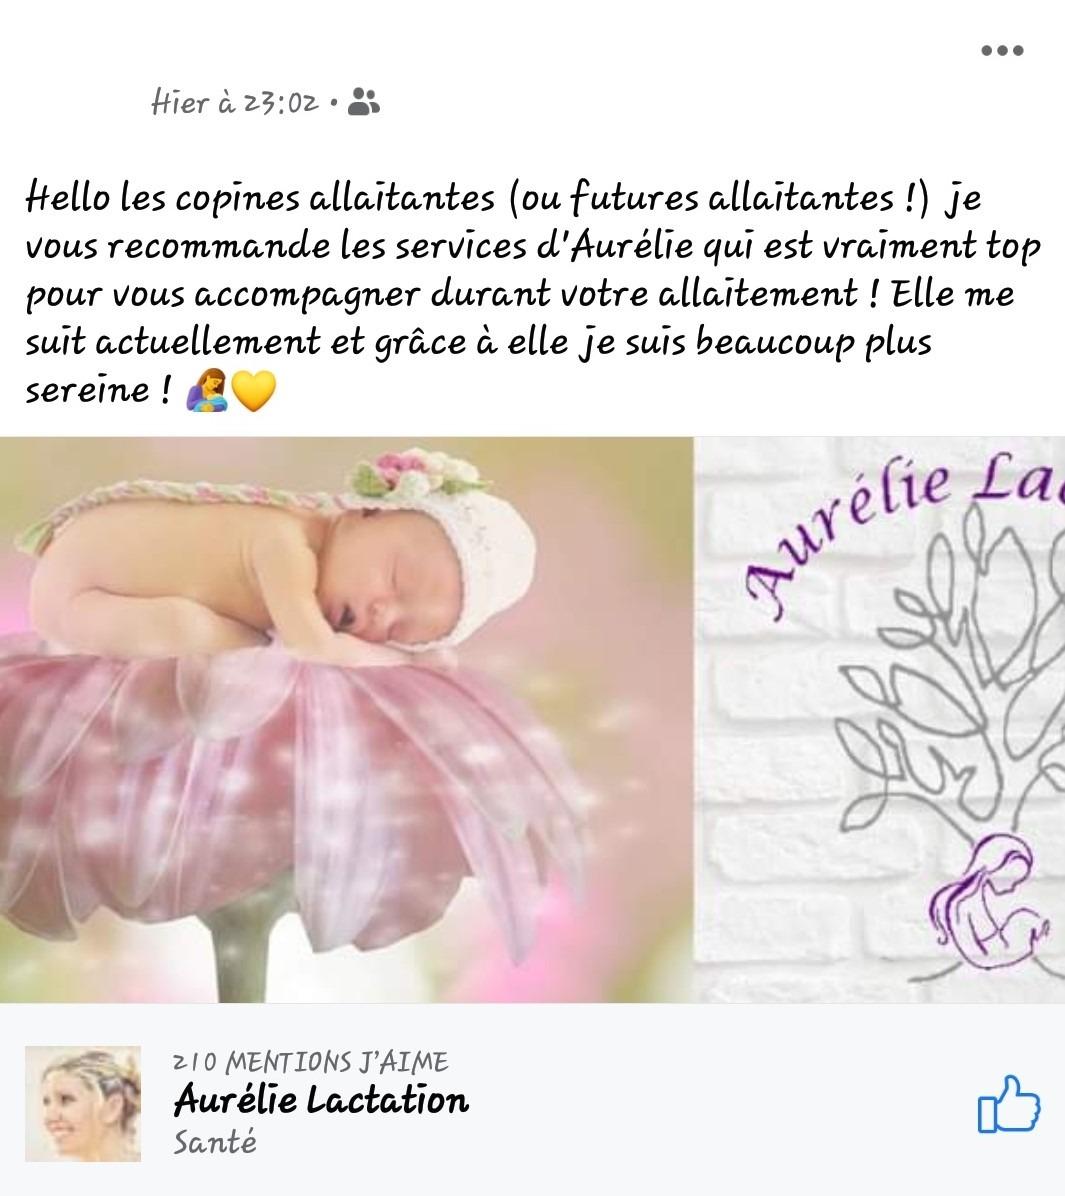 Capture d'écran de Justine concernant Aurélie Lactation. Elle recommande à ses copines allaitantes ou futures mamans les services d'Aurélie. Elle précise que celle-ci est top niveau accompagnement de l'allaitement.